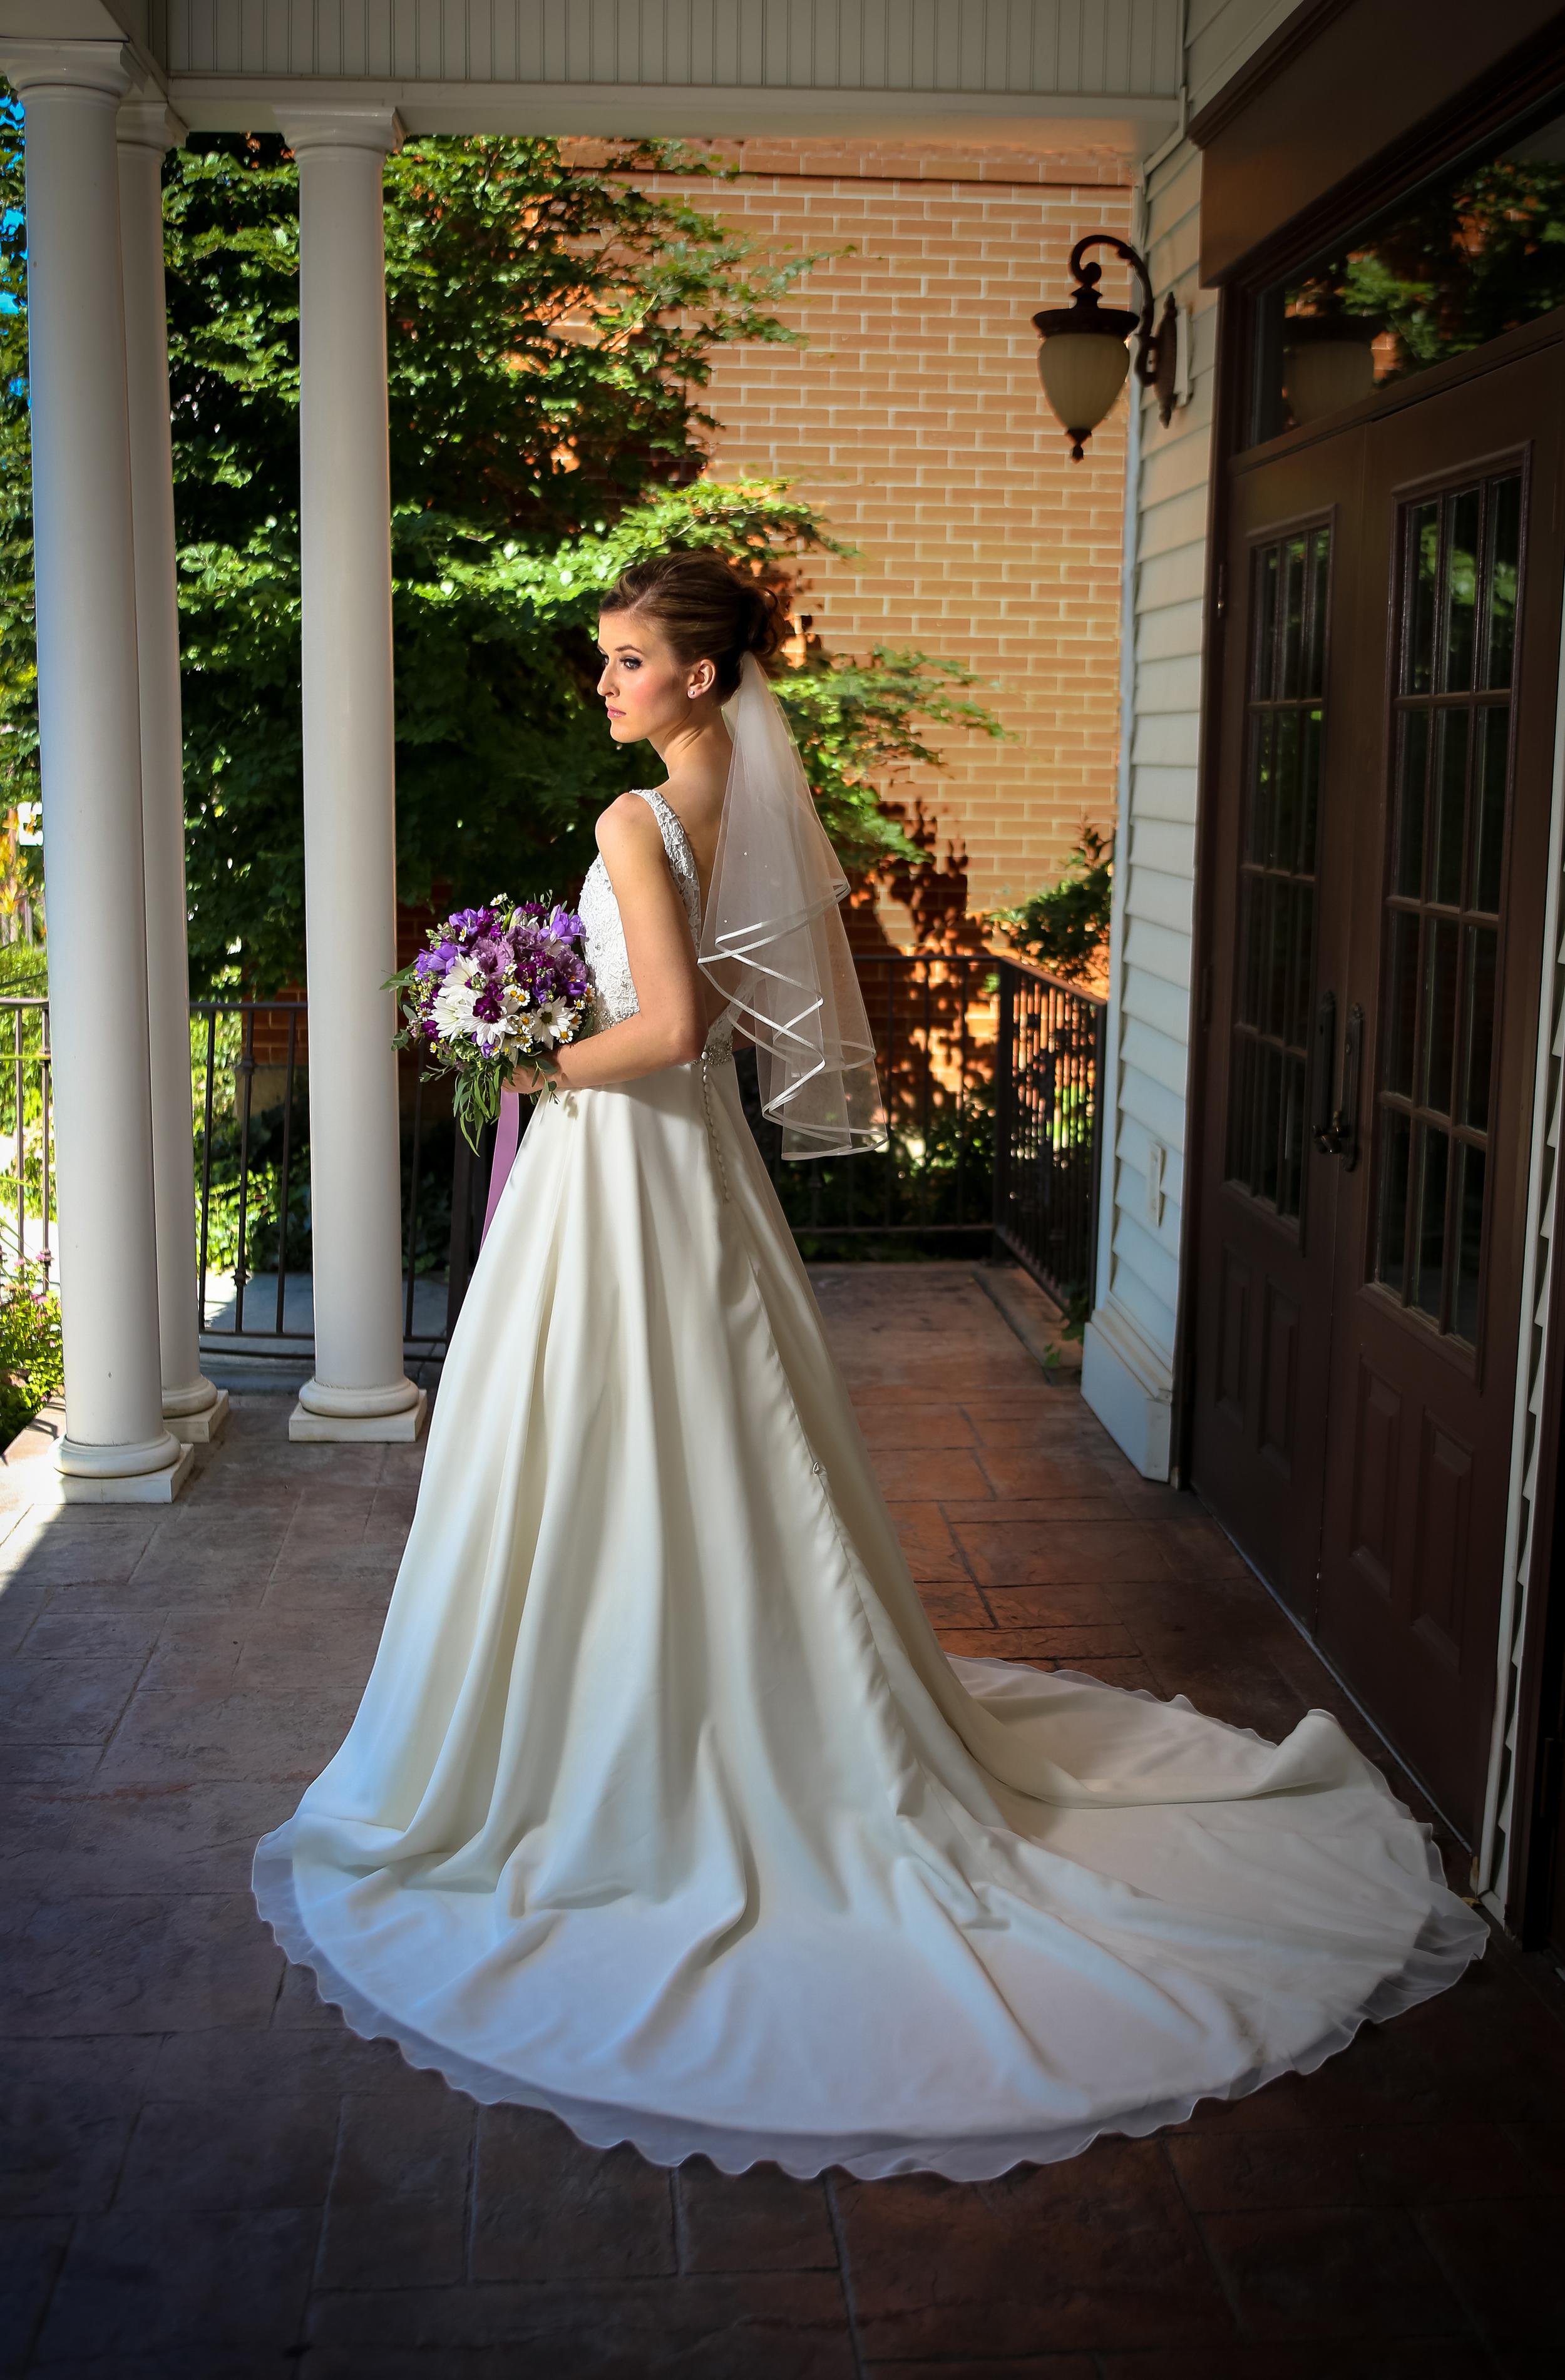 Bountiful Bridal wedding portrait